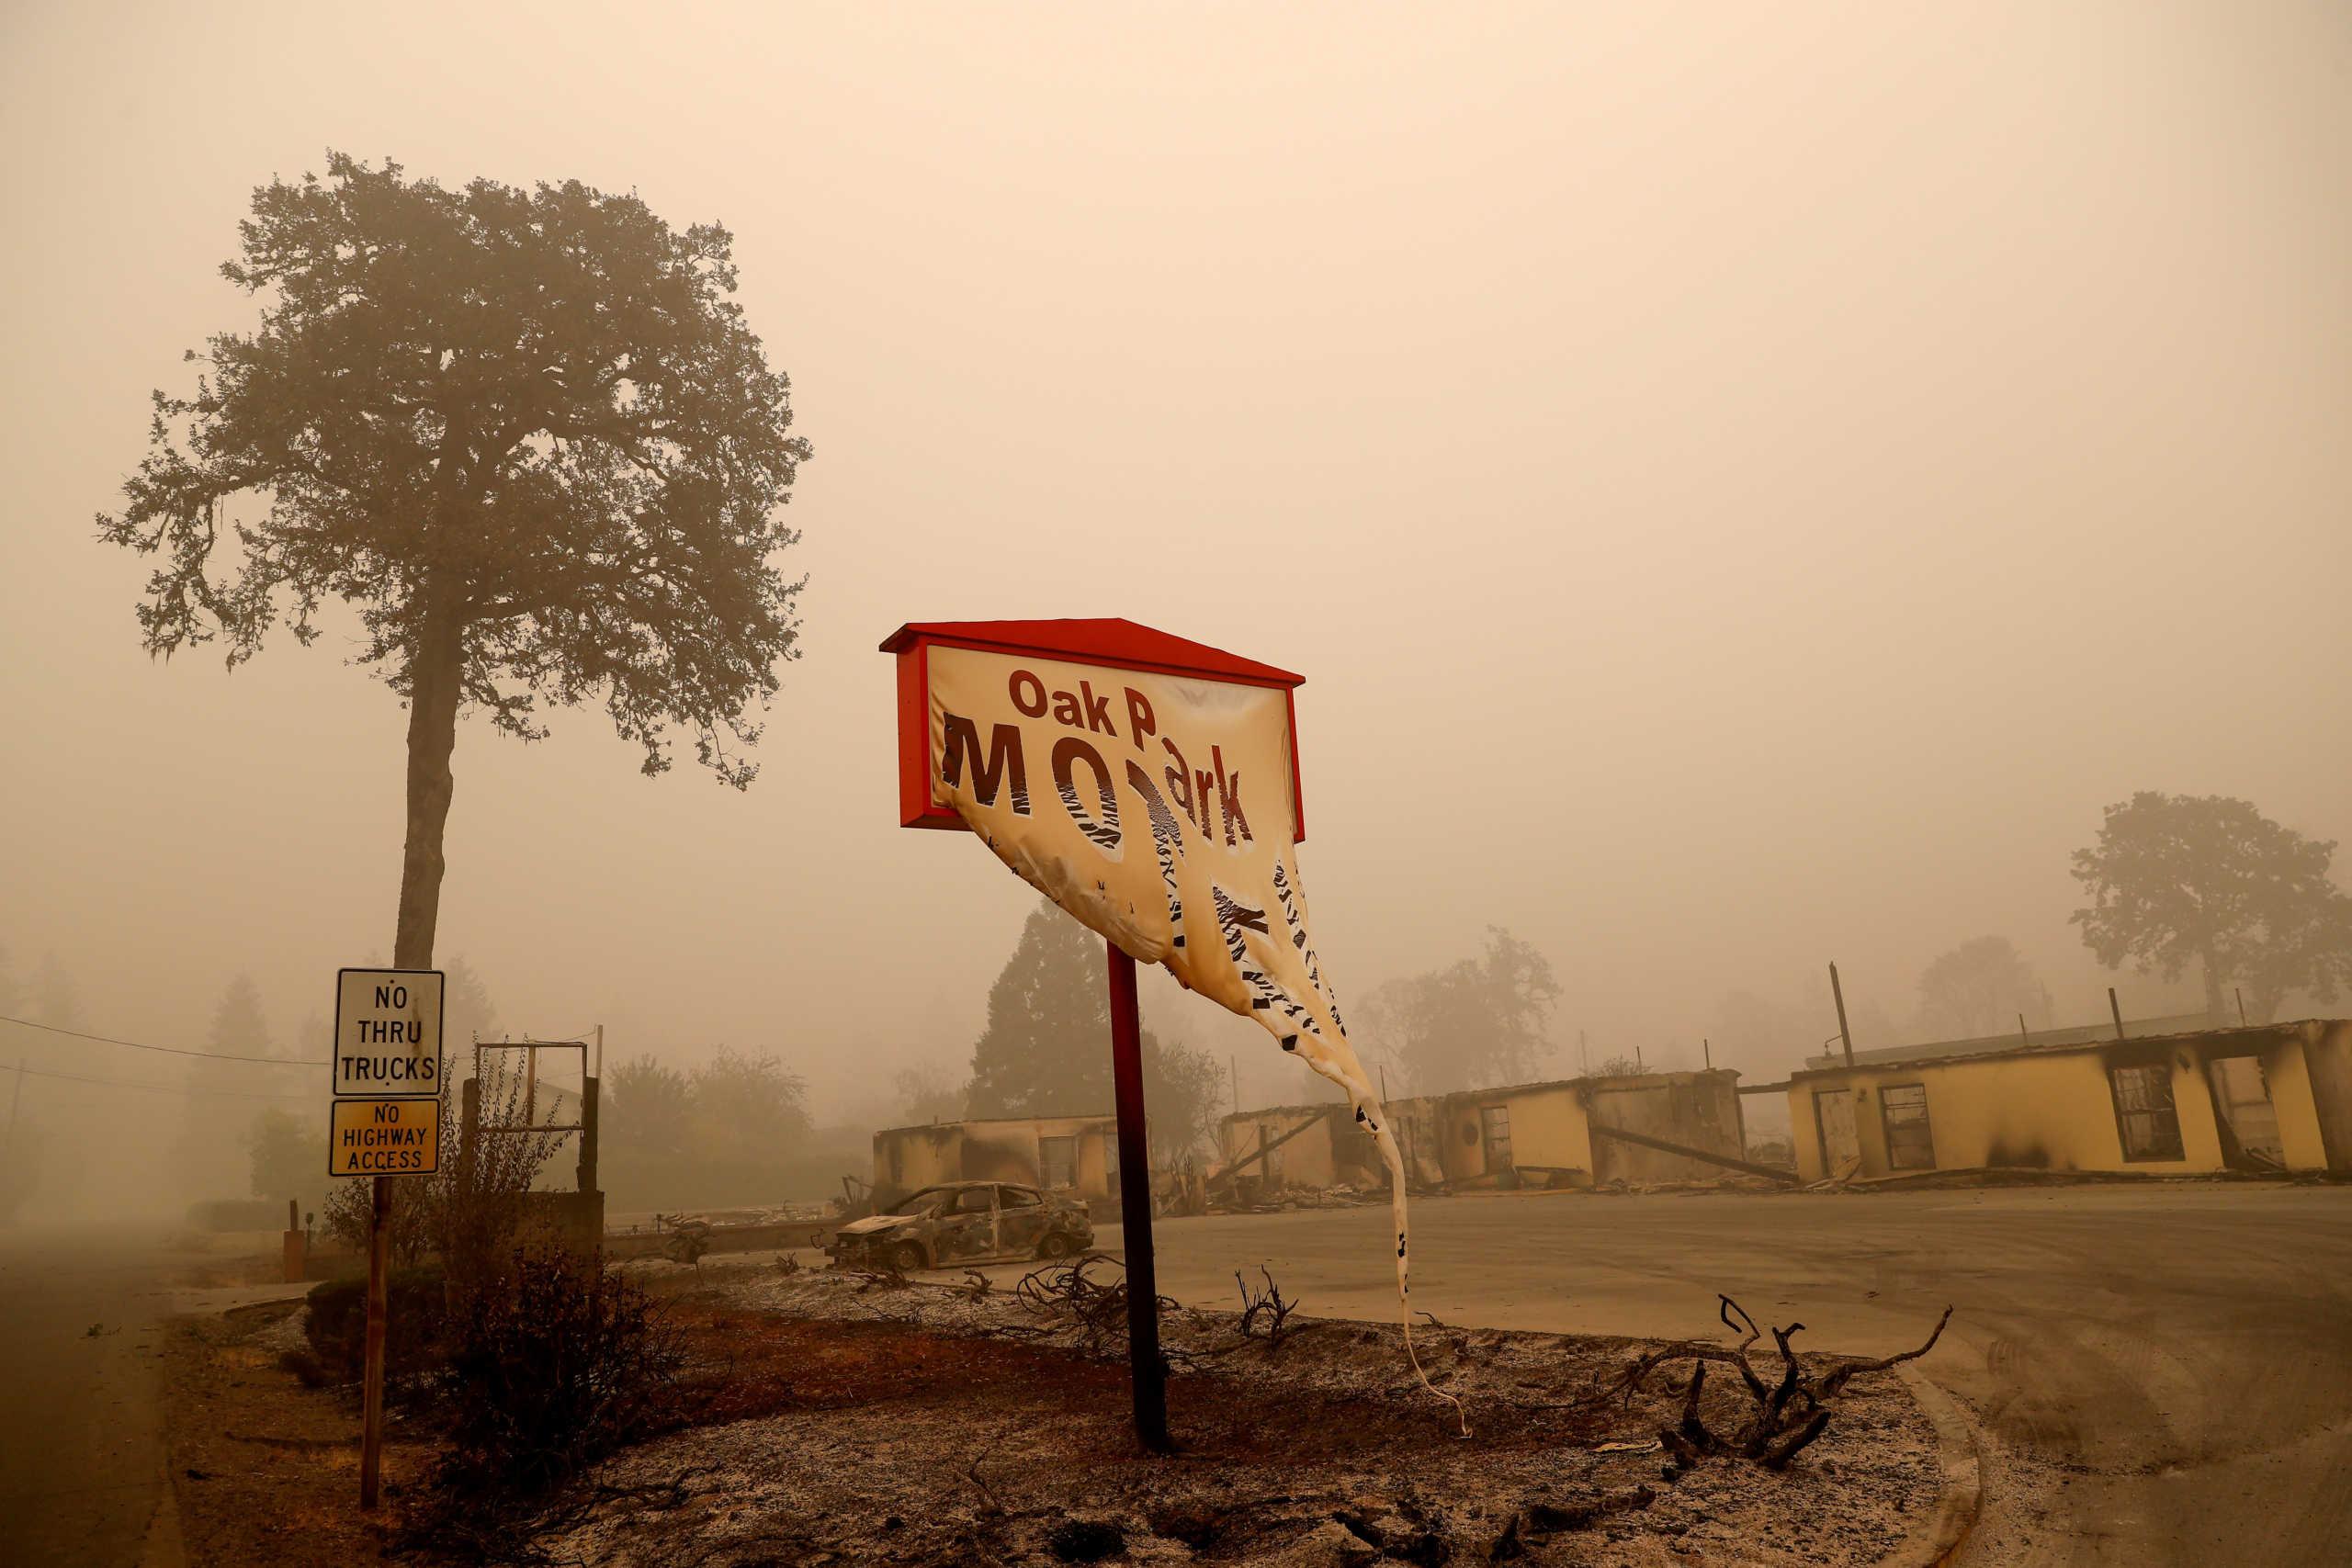 33 νεκροί από τις φωτιές σε Όρεγκον και Καλιφόρνια! Αφήνουν άρον – άρον τα σπίτια τους για να σωθούν (pics, video)